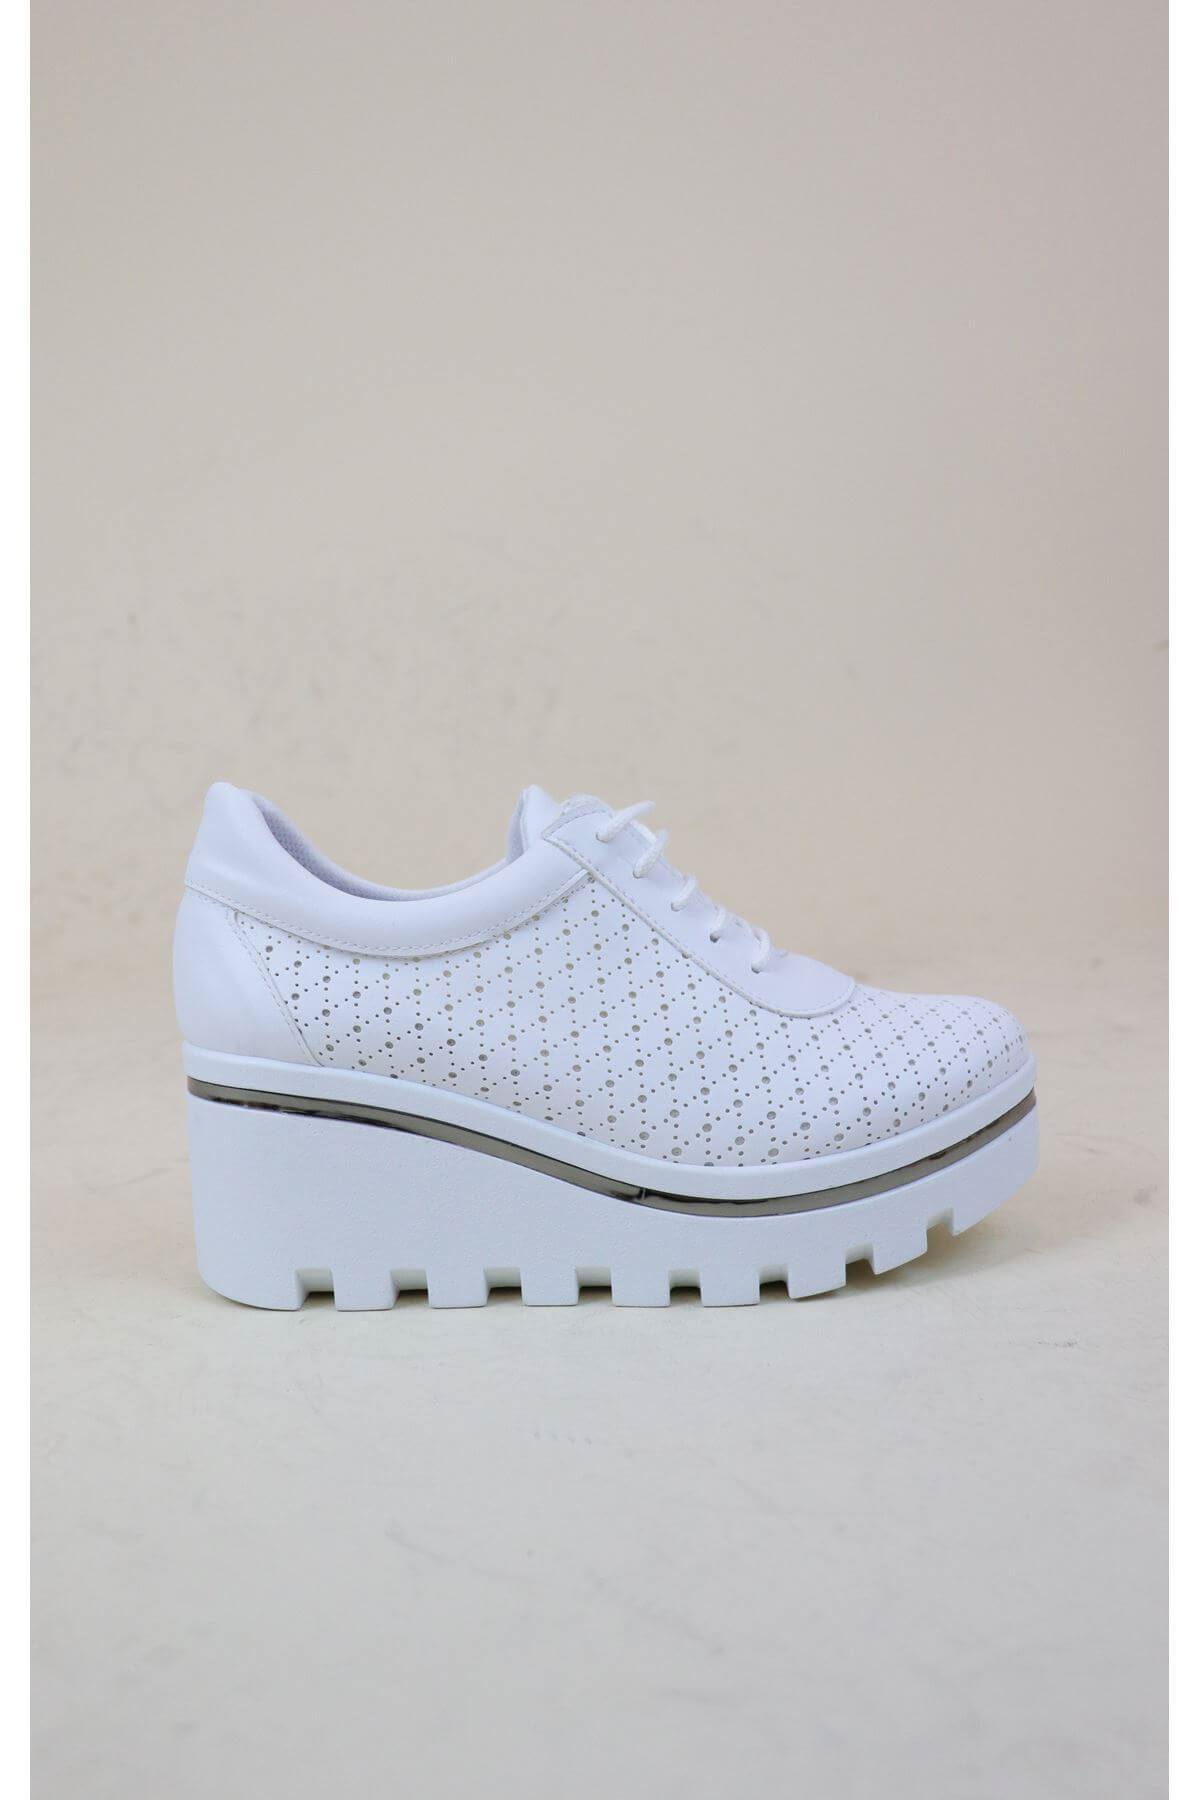 Trend Ayakkabı 1006 Kadın Dolgu Topuk Ayakkabısı